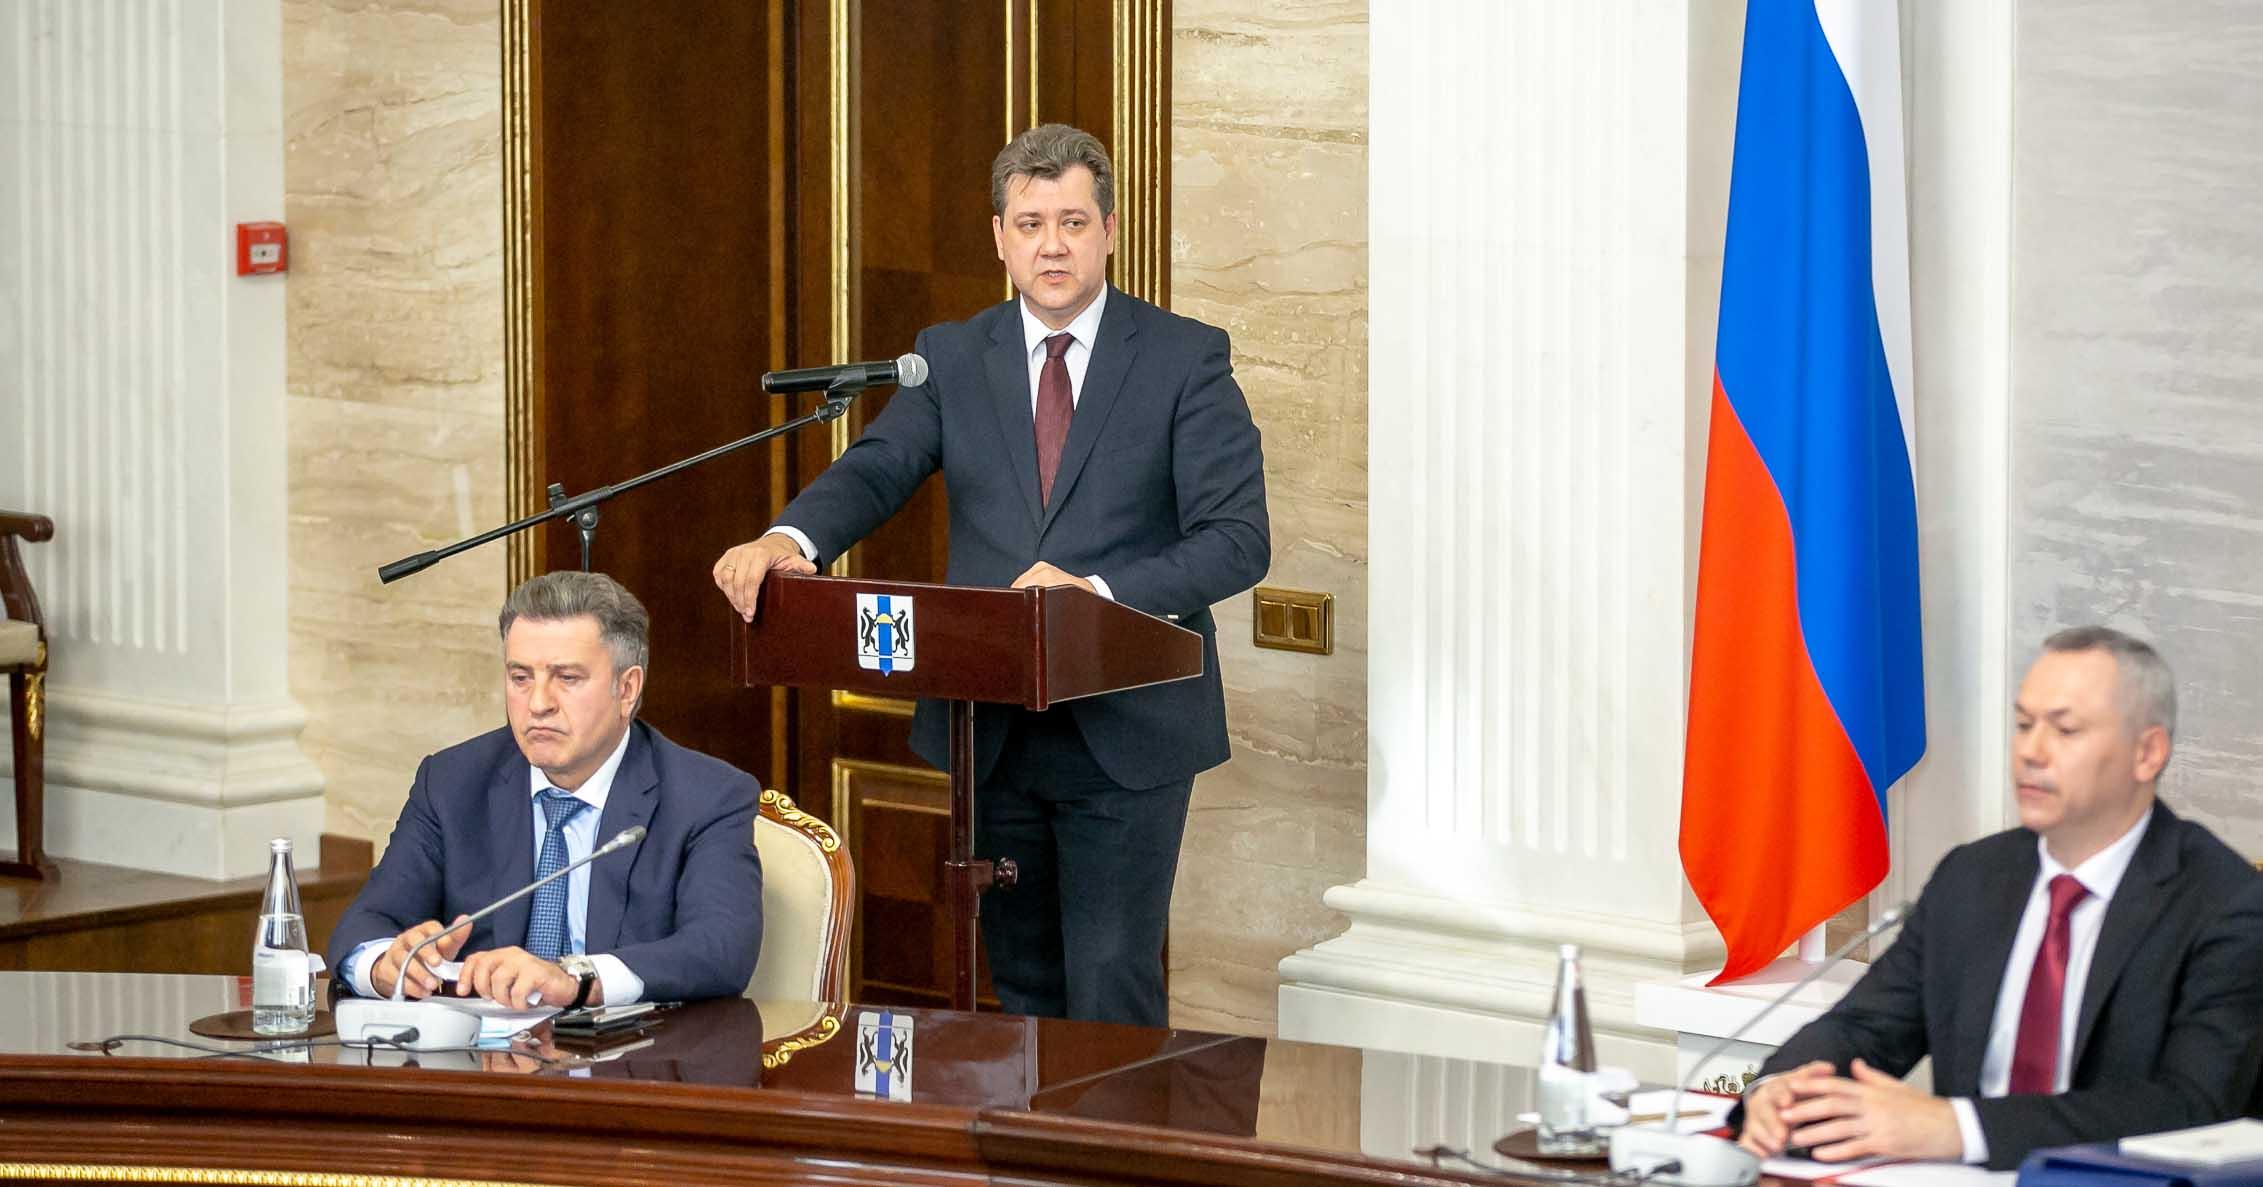 Бюджет Новосибирской области на 2021 год будет напряжённым и дефицитным